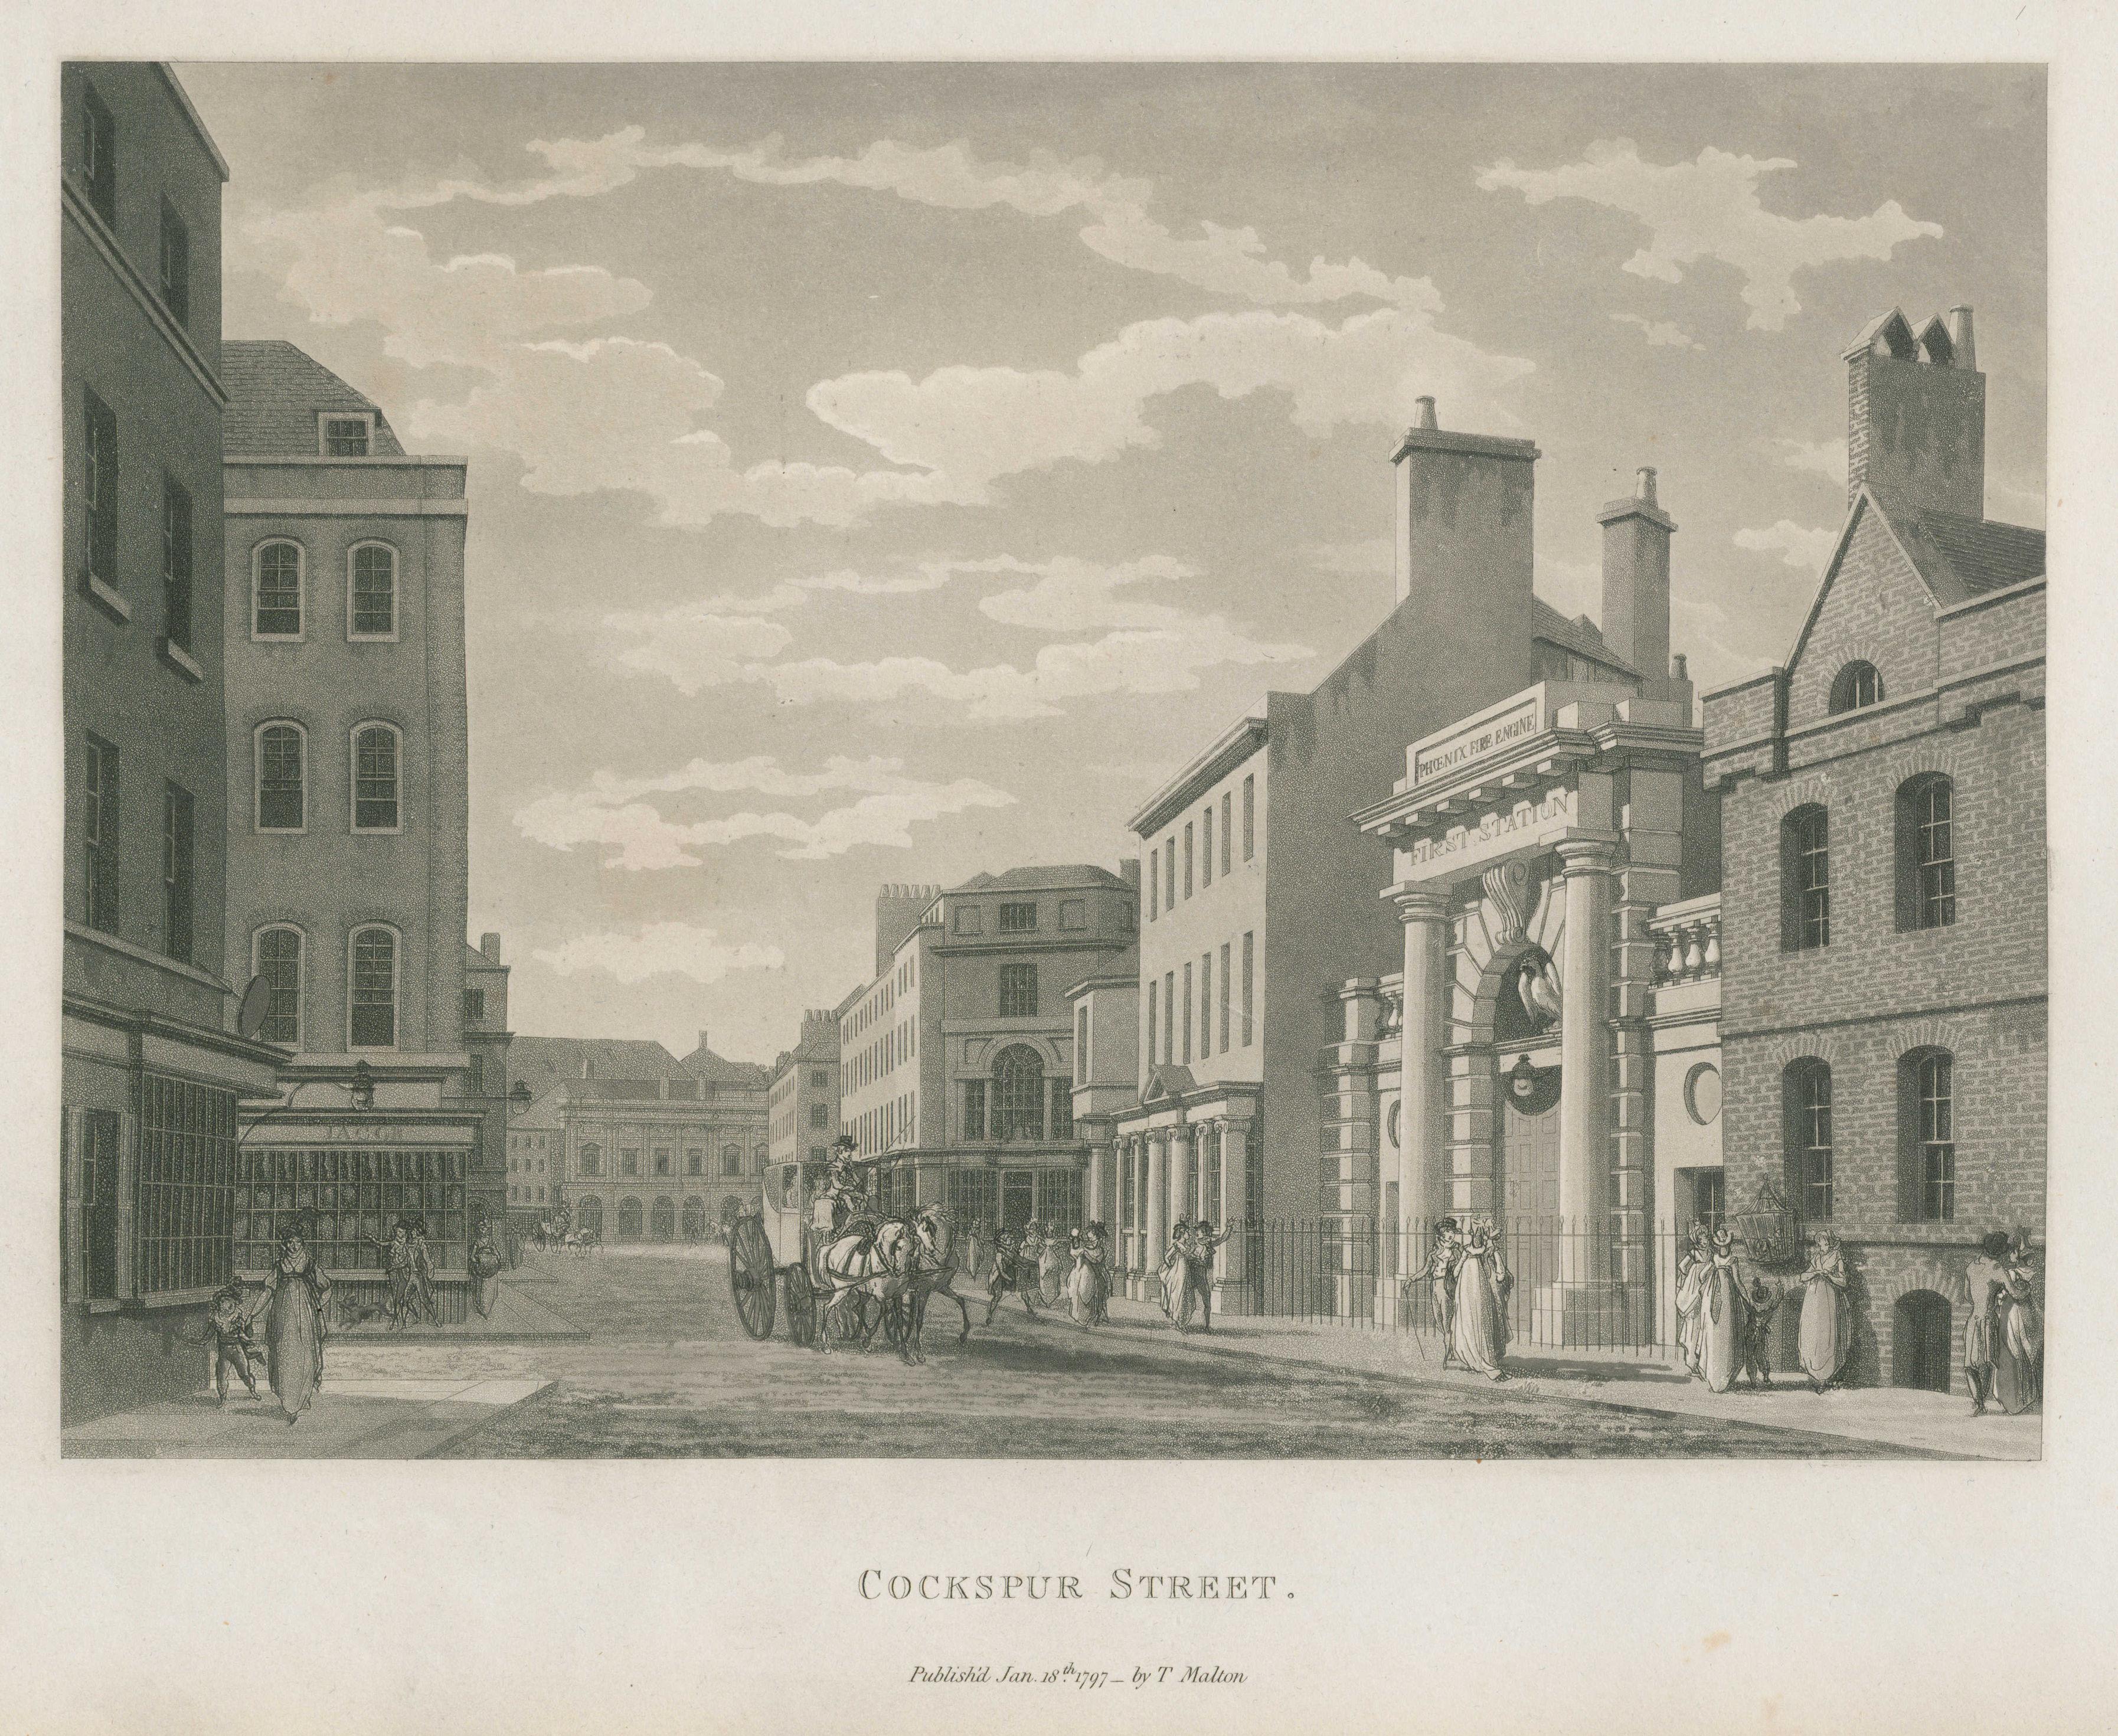 020 - Malton - Cockspur Street